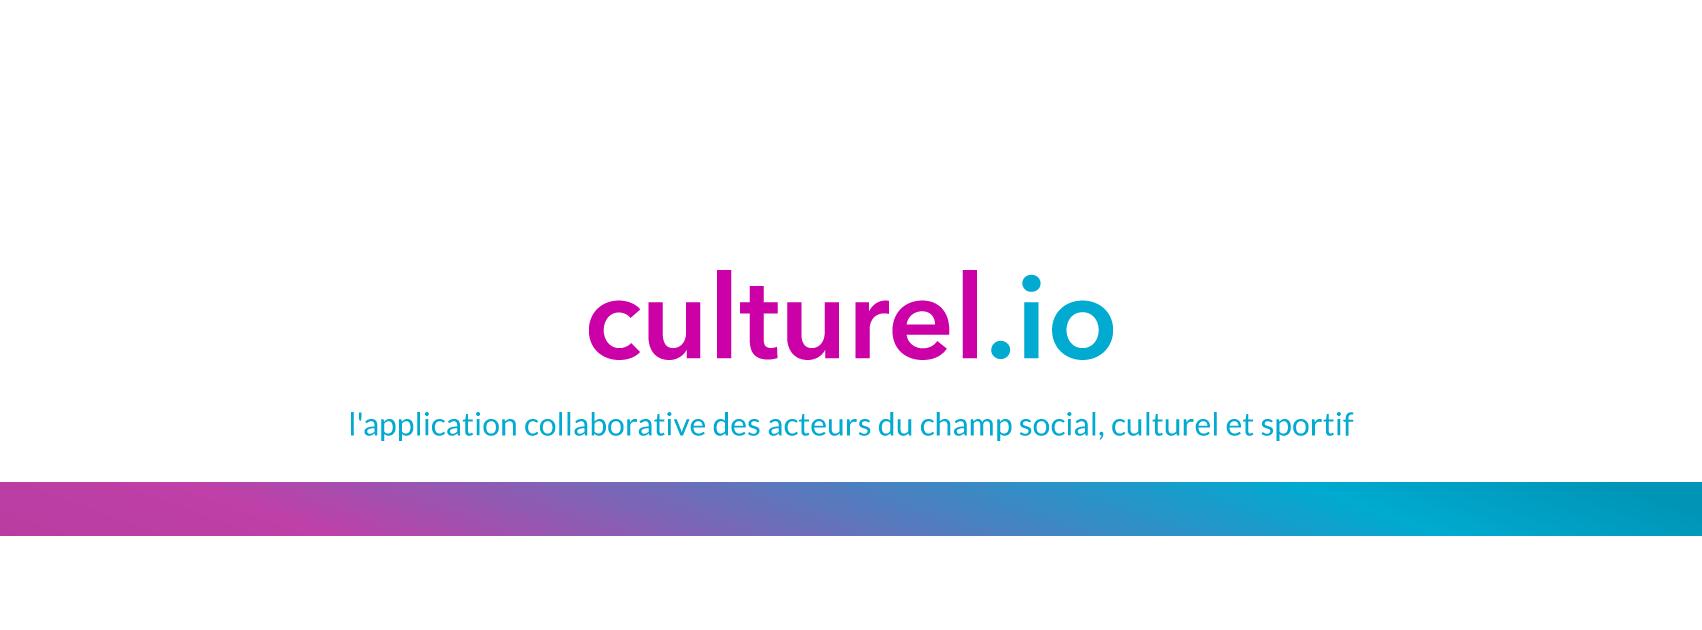 (c) Culturel.io